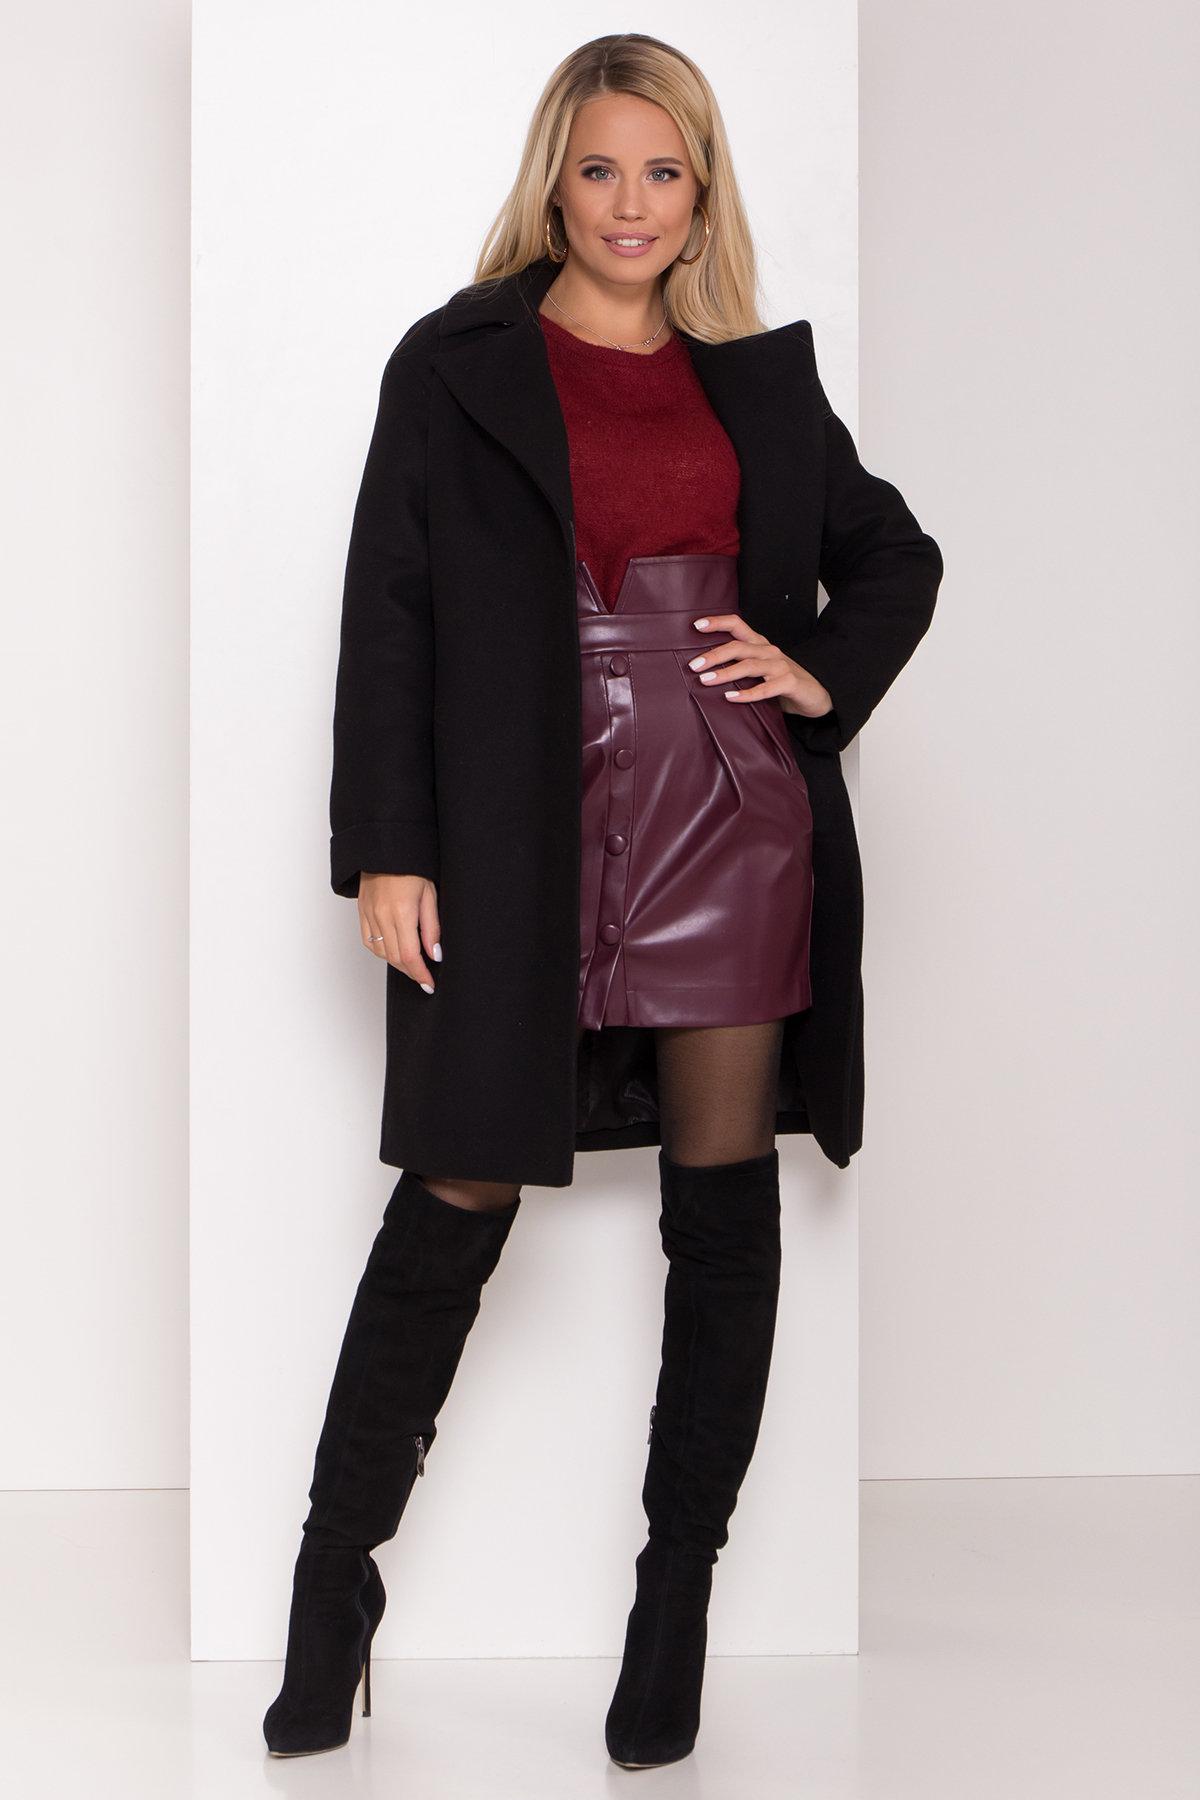 Зимнее пальто в классическом стиле Лизи 8179 АРТ. 44194 Цвет: Черный НL -1 - фото 2, интернет магазин tm-modus.ru